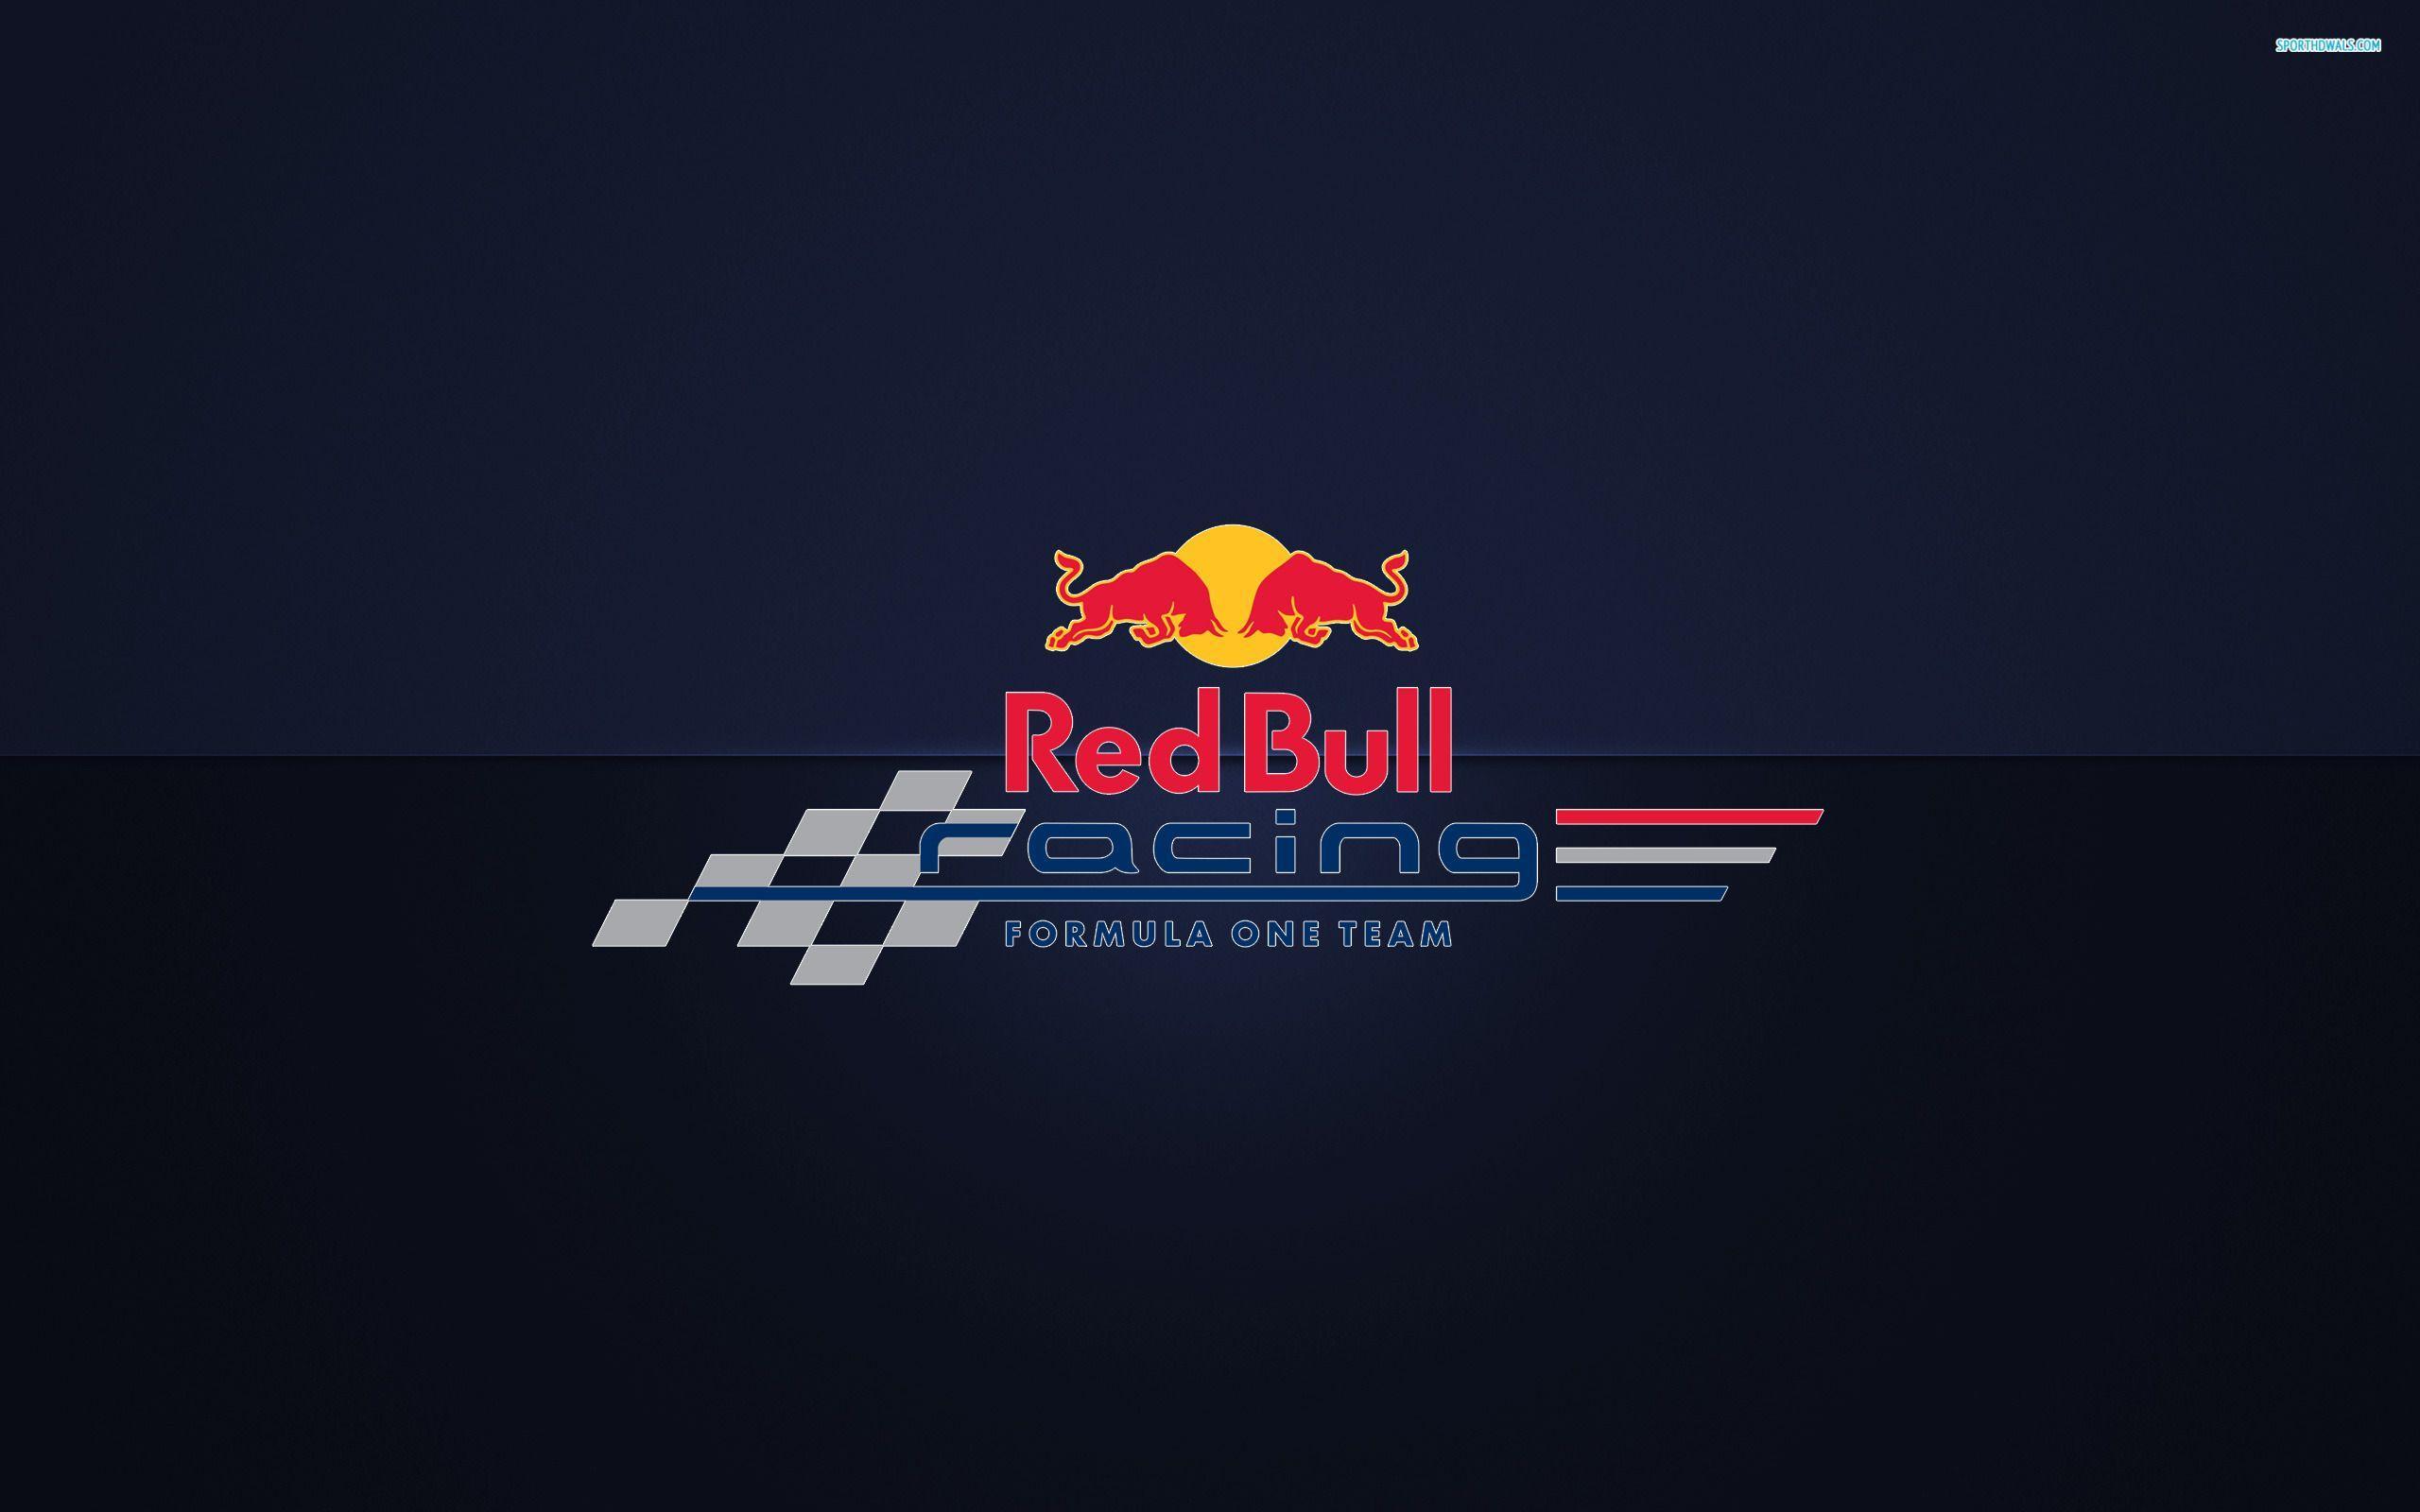 Red Bull Racing Wallpapers Wallpaper Cave